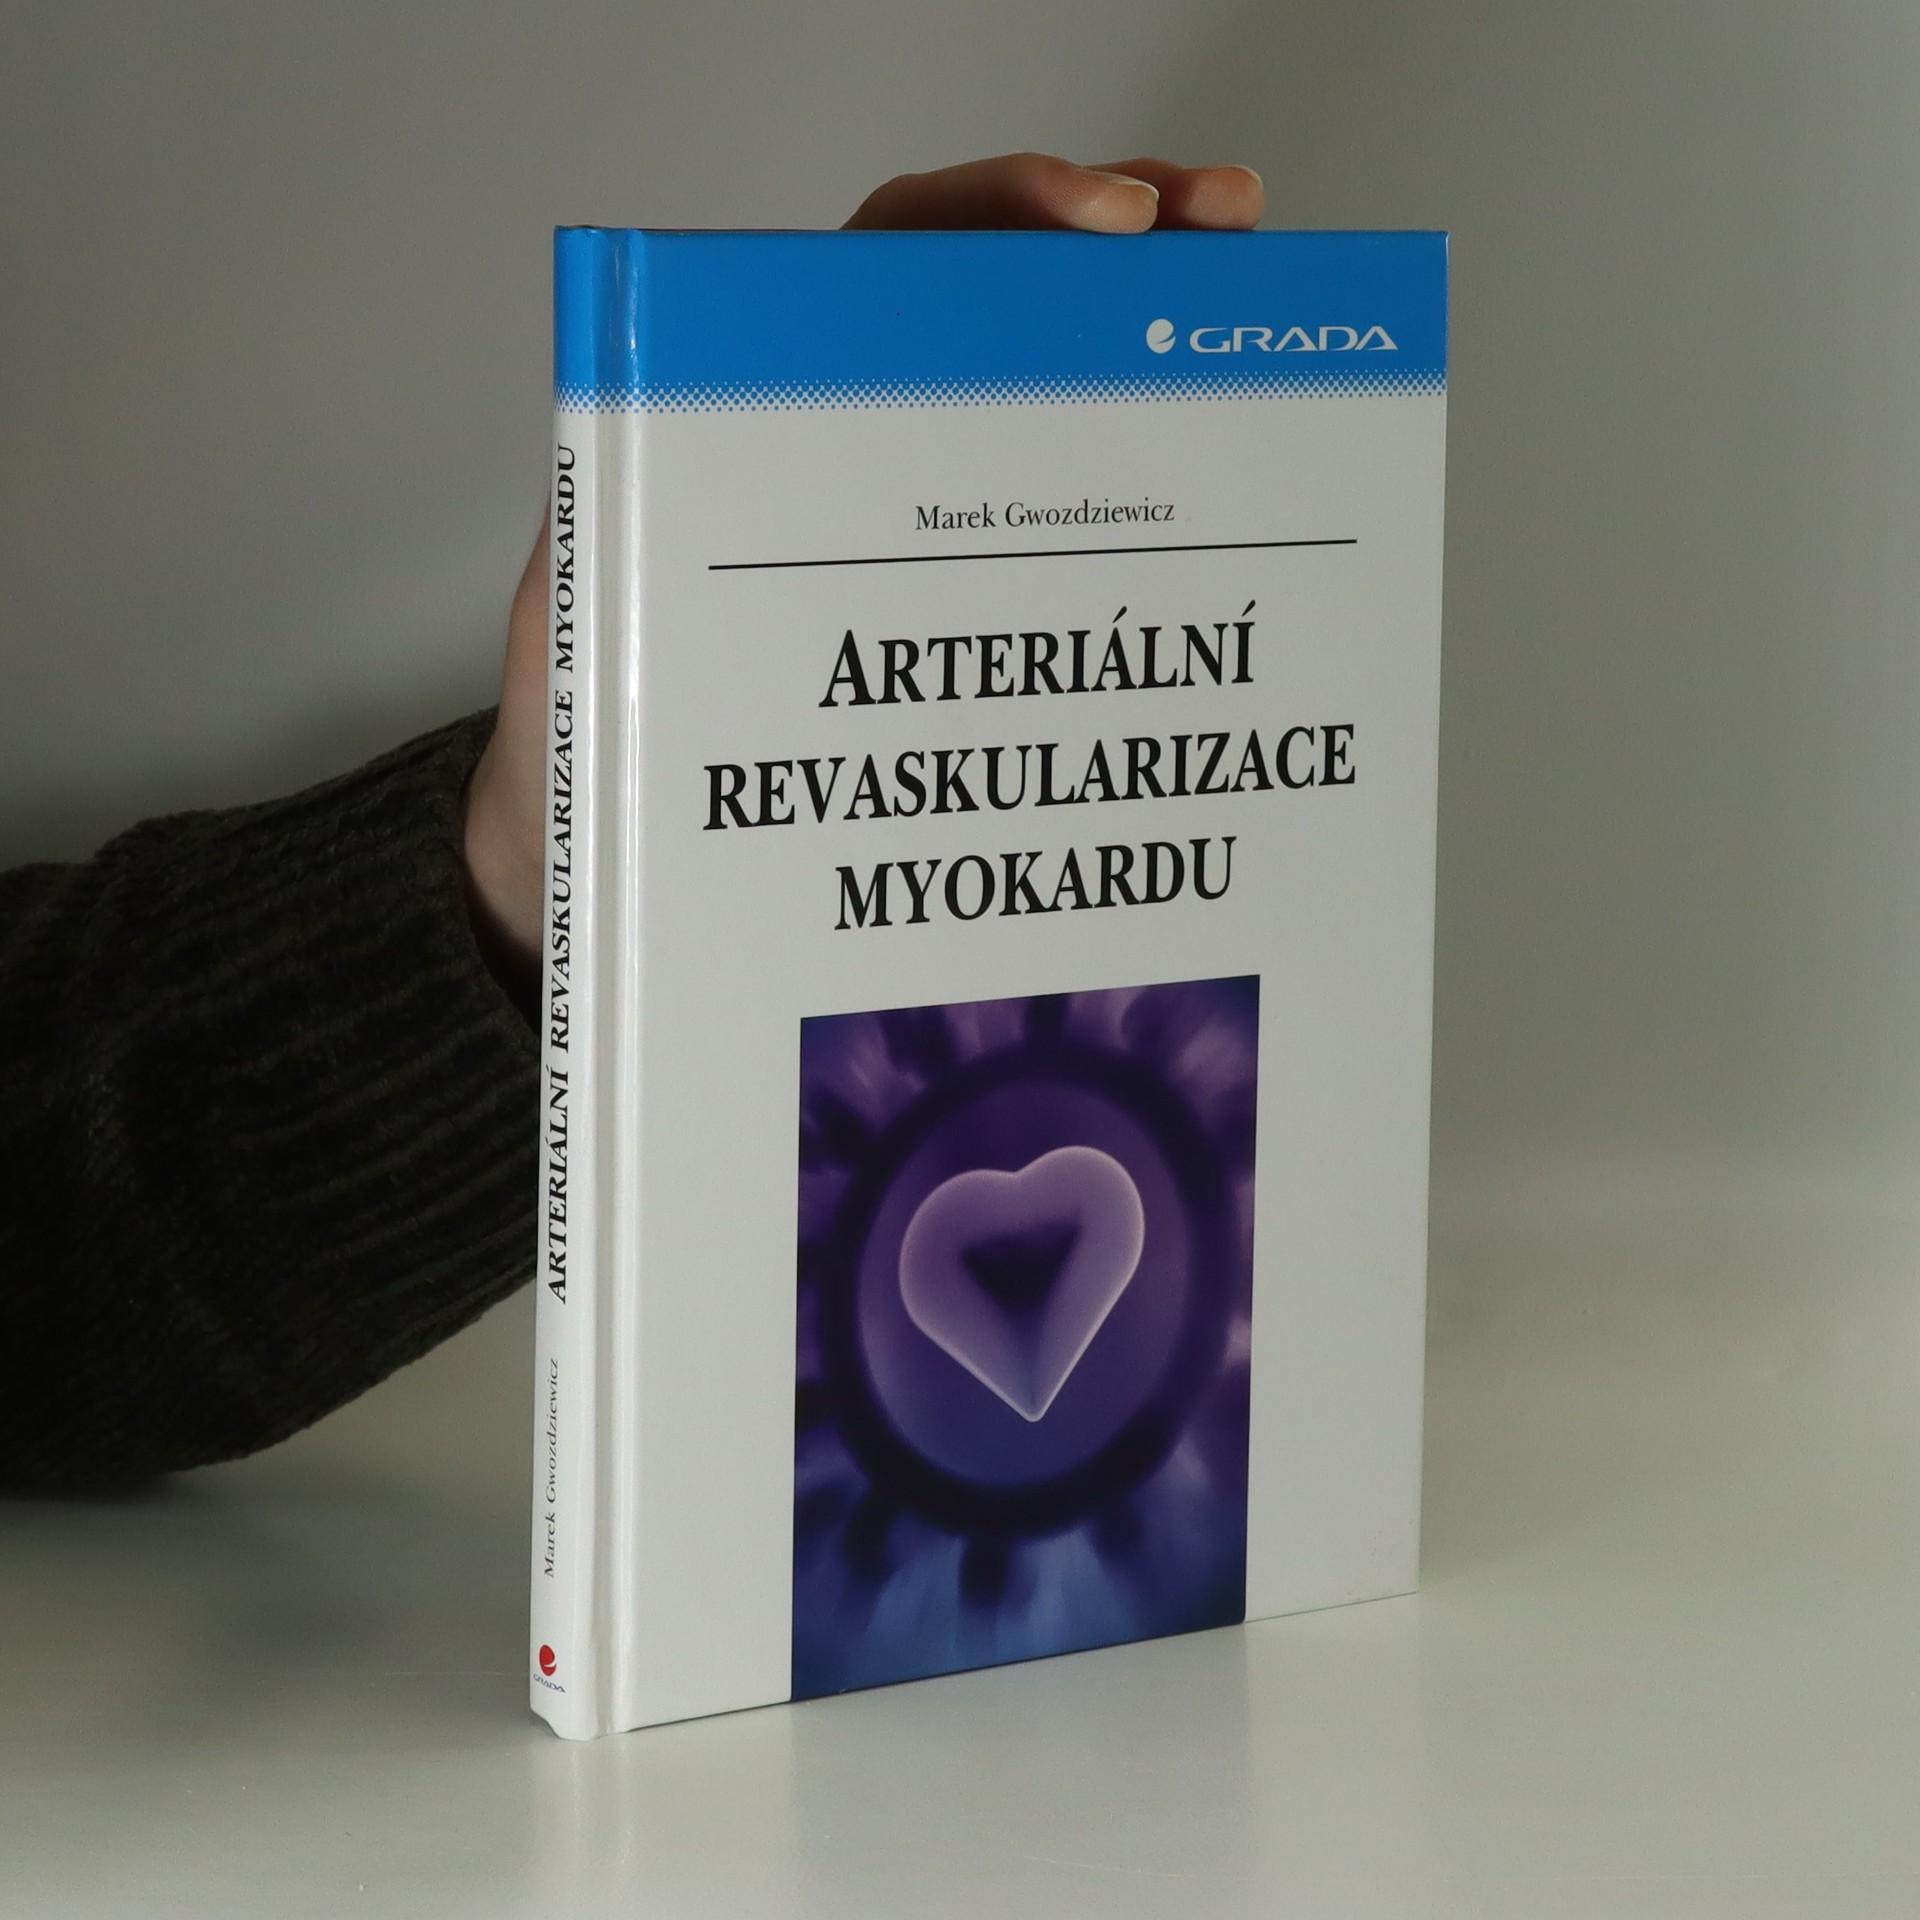 antikvární kniha Arteriální revaskularizace myokardu, 2007